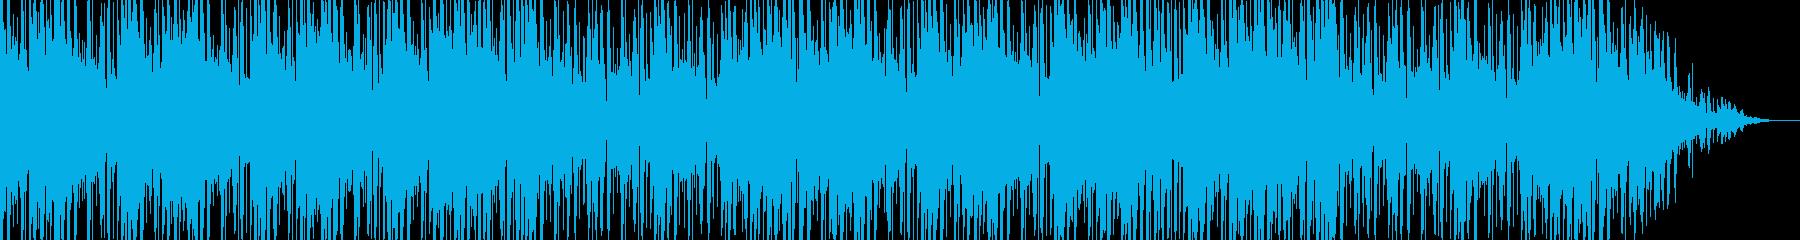 和風でノリの良い楽曲の再生済みの波形